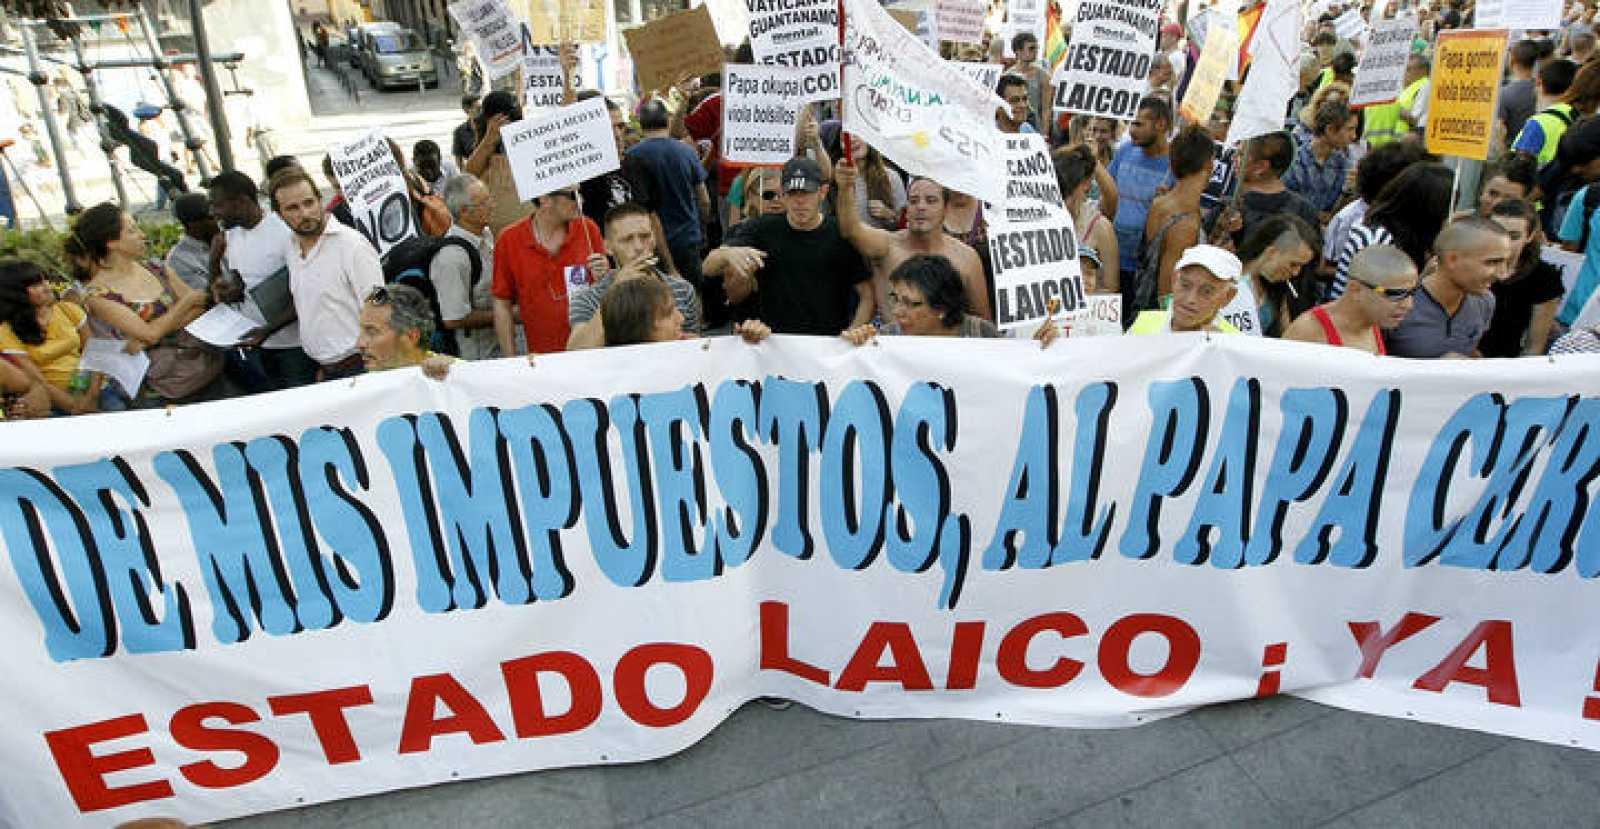 Manifestación en Madrid contra la financiación pública de la visita del papa, el 17 de agosto